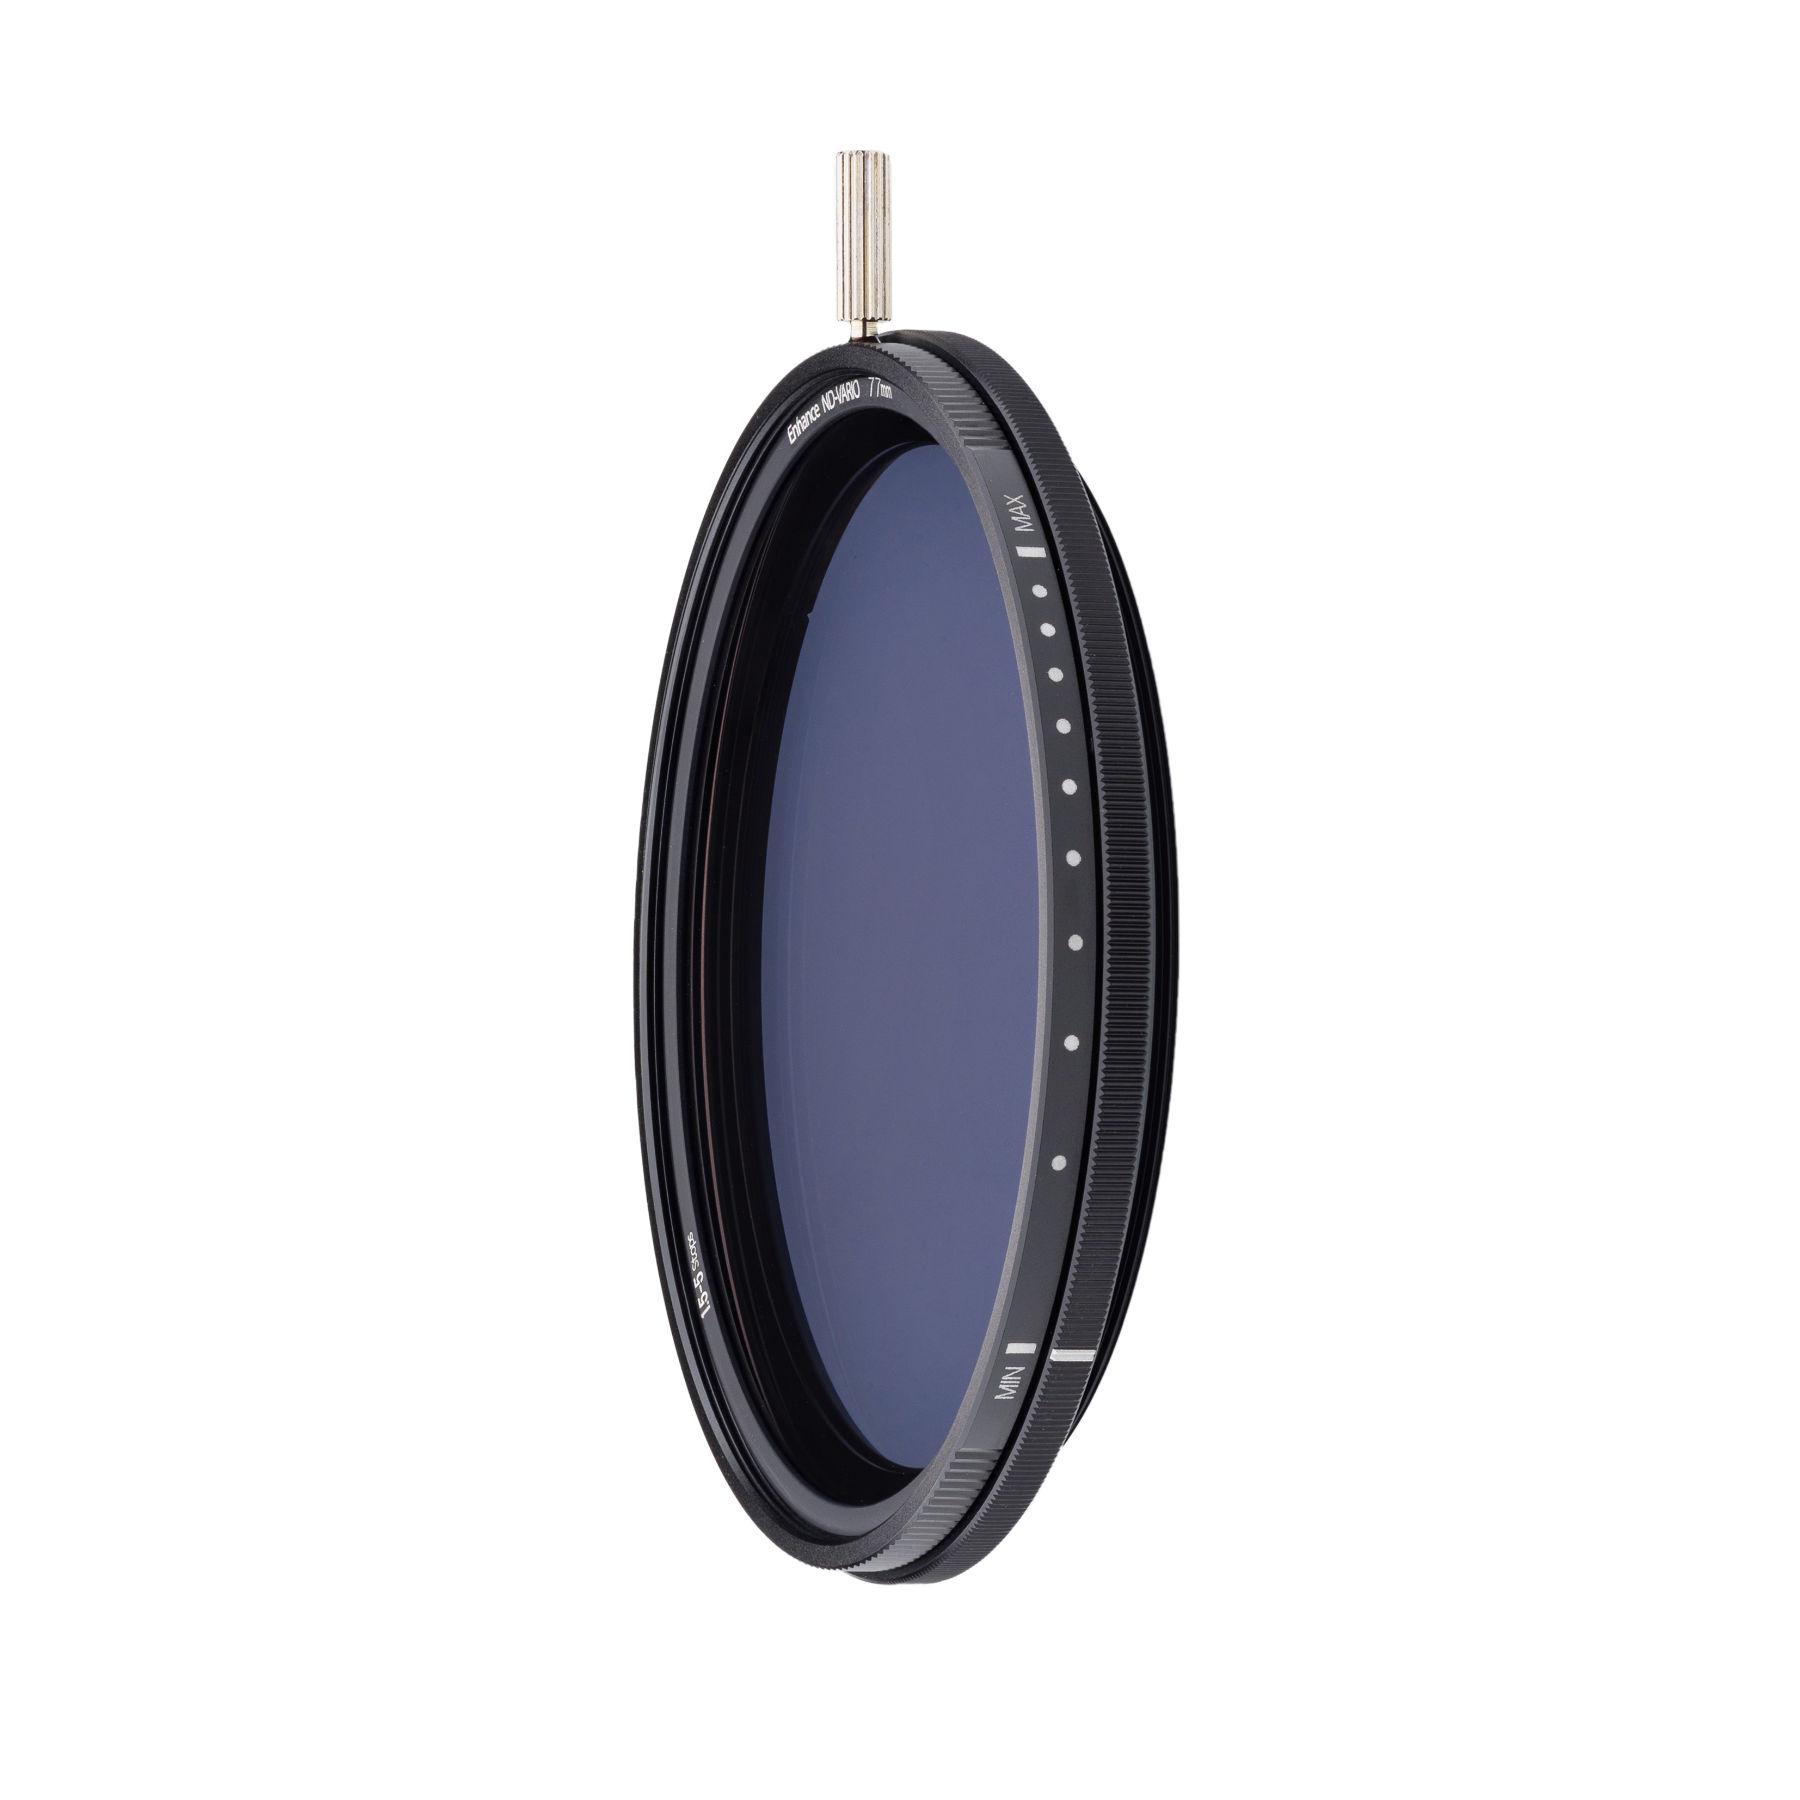 E-shop NISI ND VARIABILNÍ FILTR 1,5-5 STOPS PRO NANO 55 mm (ND3-32)